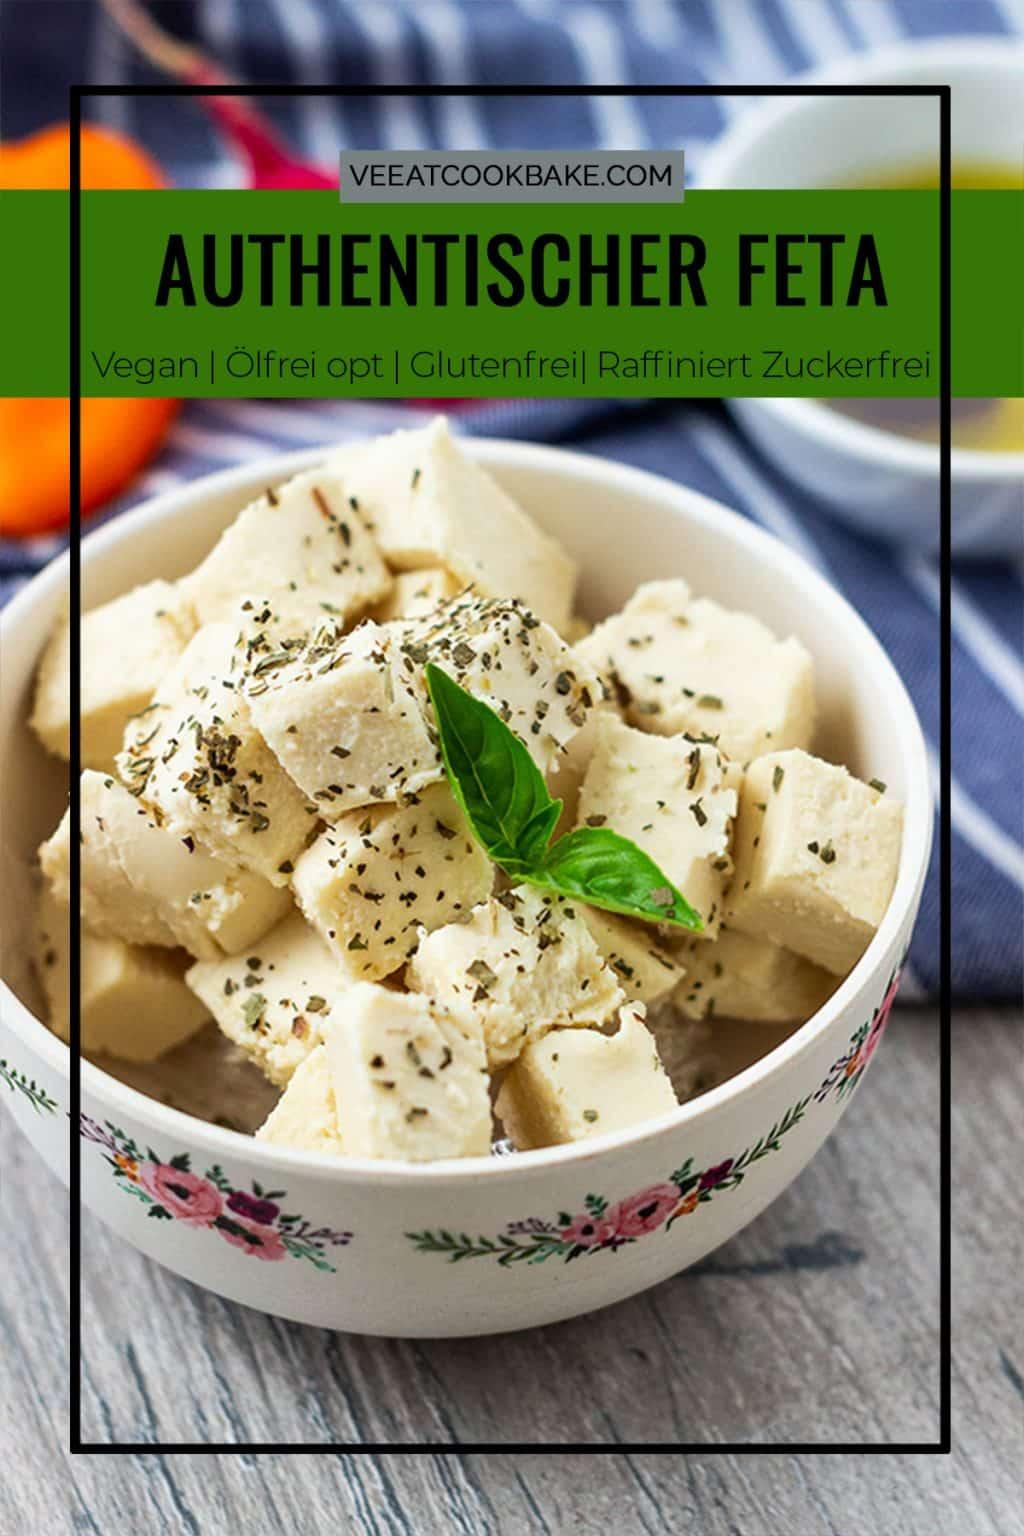 Dieser vegane Feta-Käse bringt den veganen Käseersatz auf ein neues Level. Mit zwei speziellen Zutaten erhält man diesen cremigen, krümeligen und würzigen veganen Feta-Käse. Sie können diesen veganen Käse wie den echten Feta verwenden. vegan | pflanzlich | zuckerfreies veganes Abendessen Veganes Mittagessen | Veganer Salat | Käse Alternative | Kräuter | gesund | #veganerkäse#veganerfeta#käseersatz #lactosefreierfeta